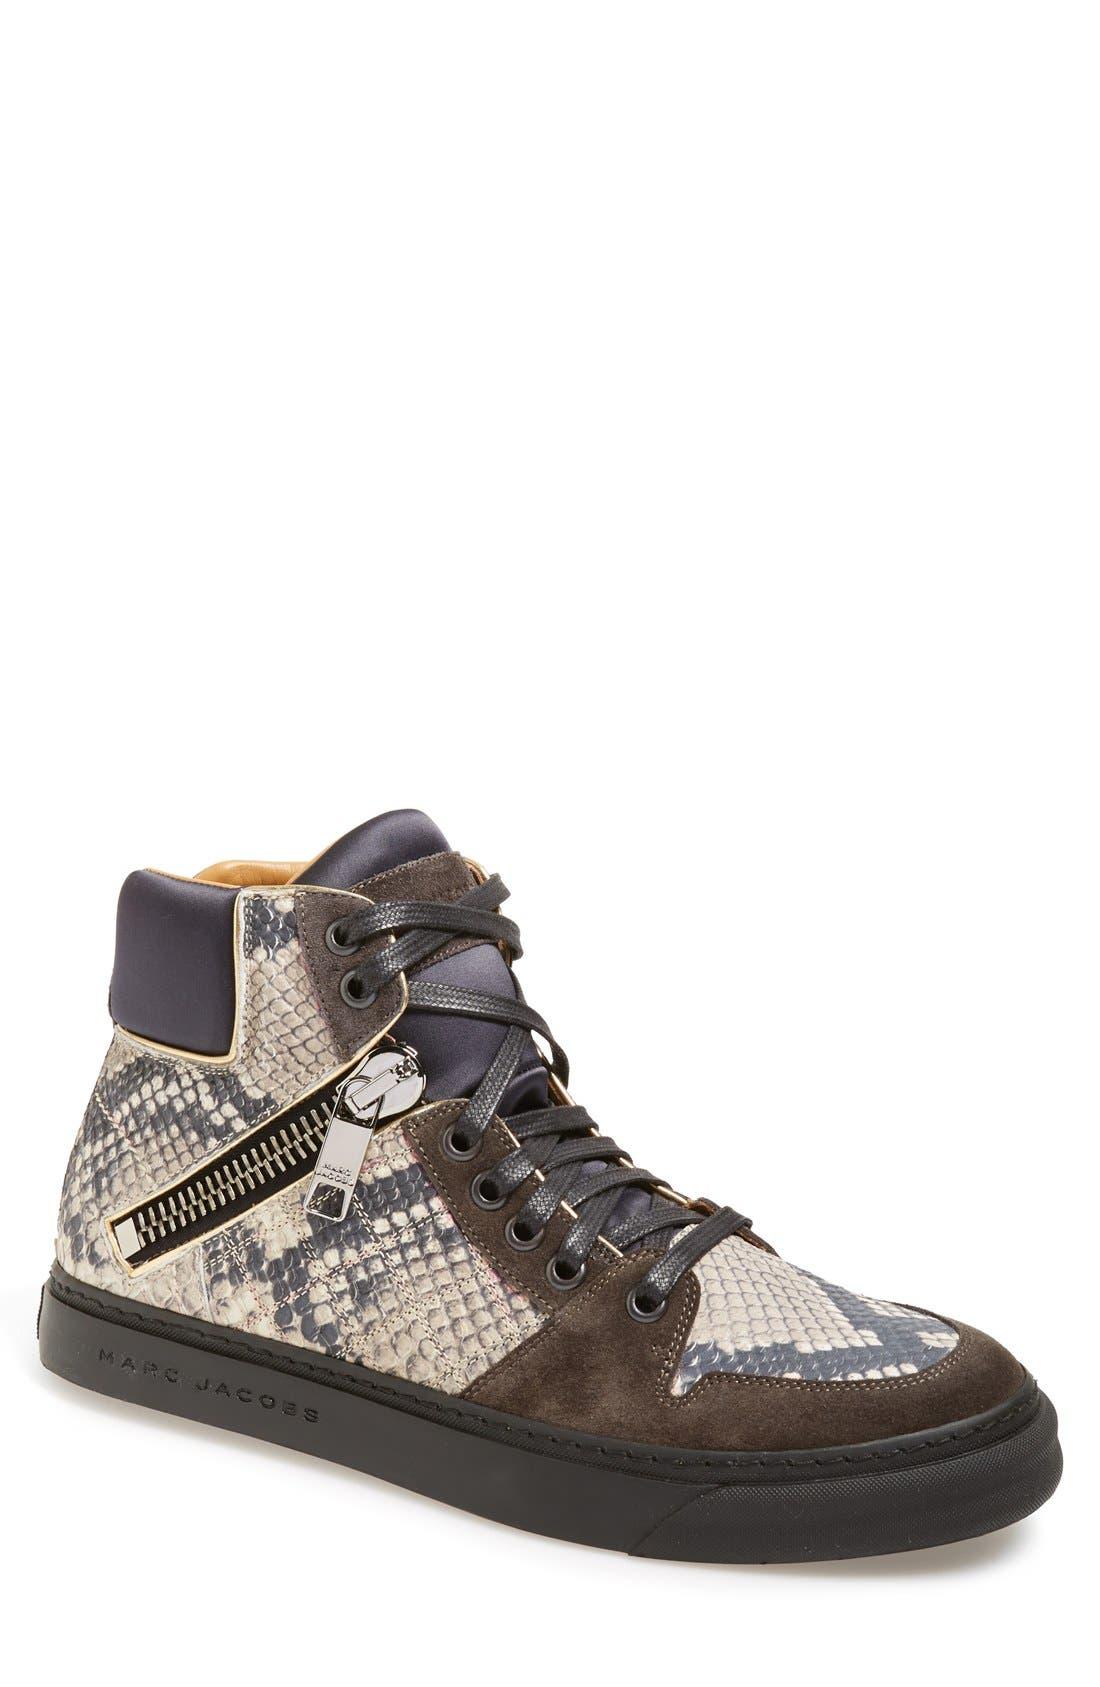 'Atomic Zip' Snake Print High Top Sneaker, Main, color, 001